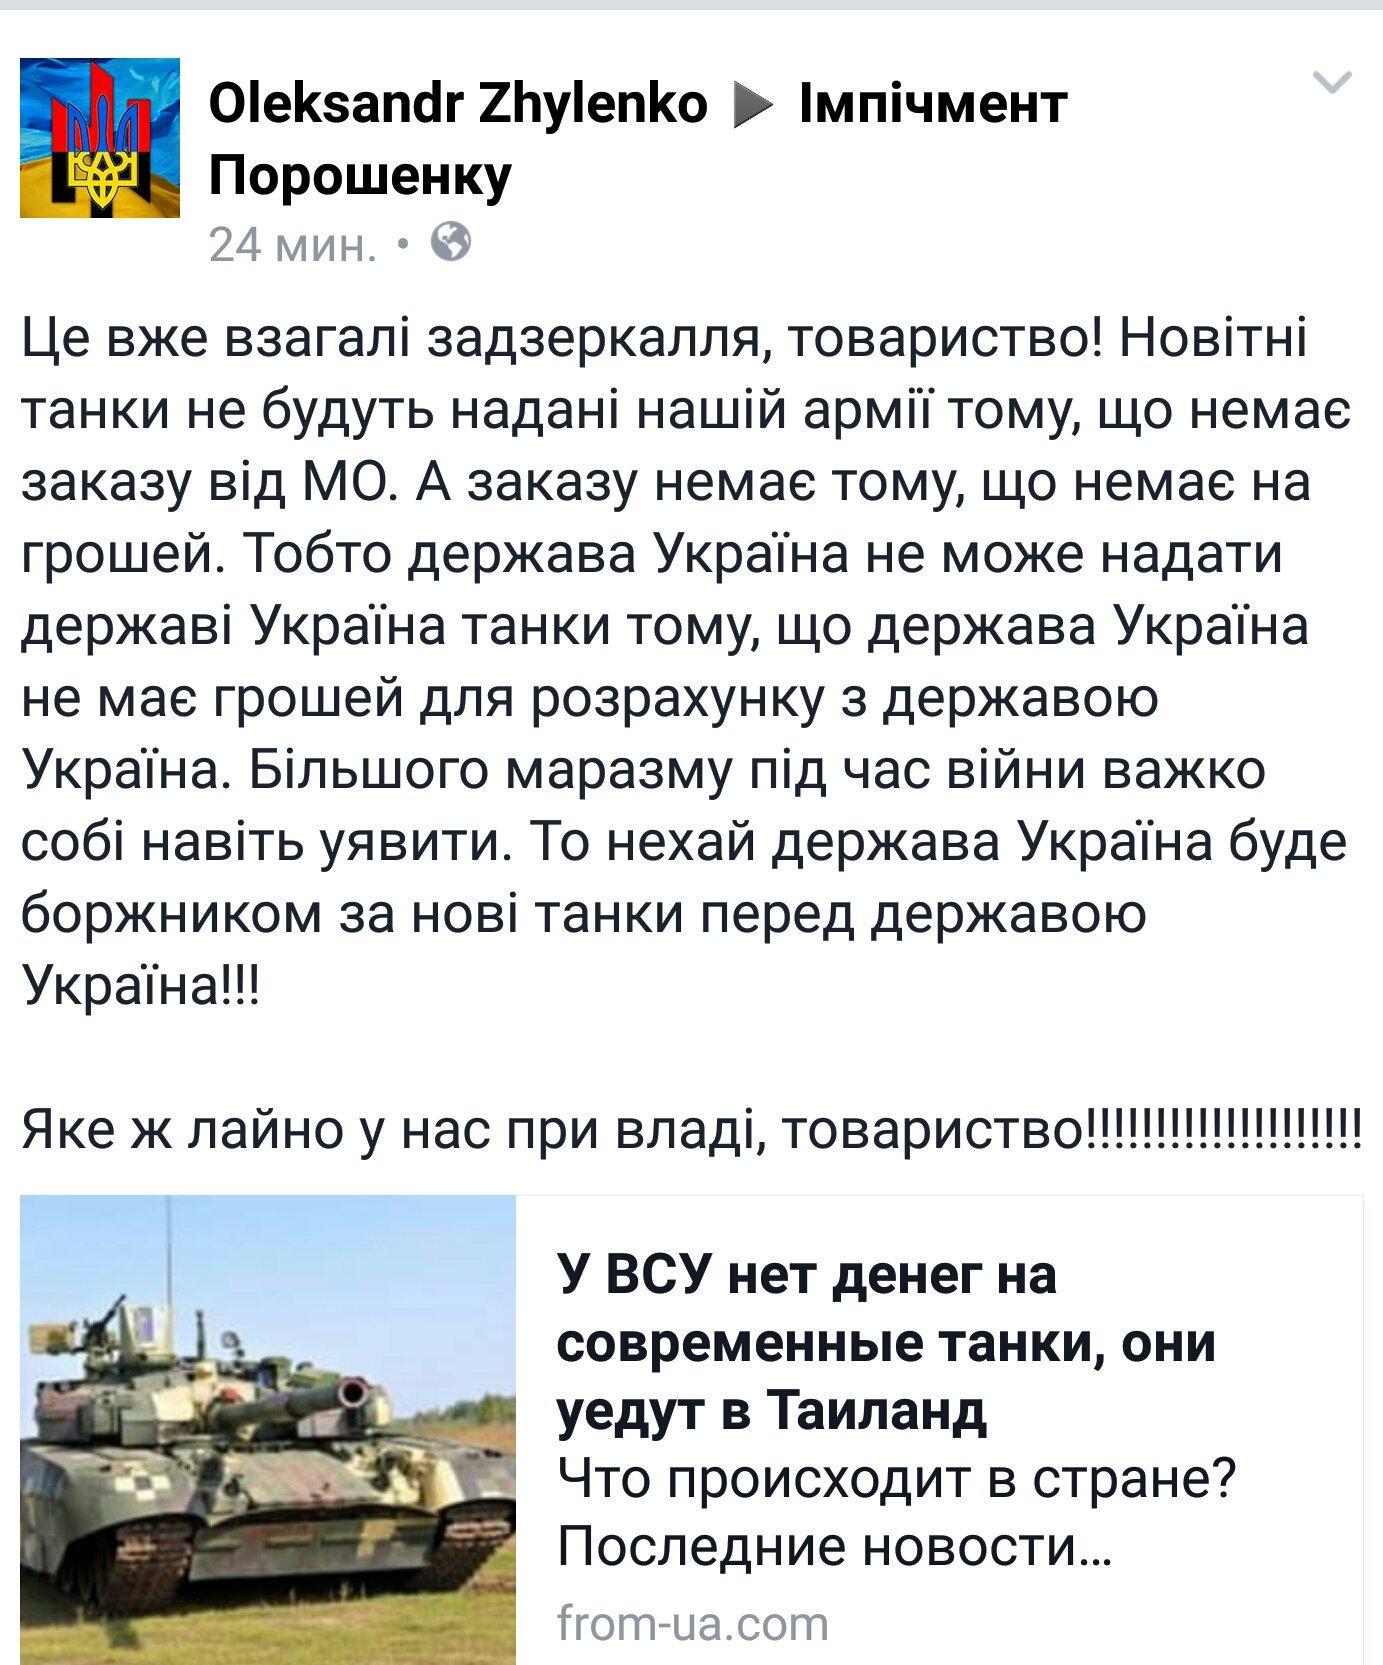 """""""Укроборонпром"""" за два года передал армии более 12 тысяч единиц вооружения и военной техники - Цензор.НЕТ 5184"""